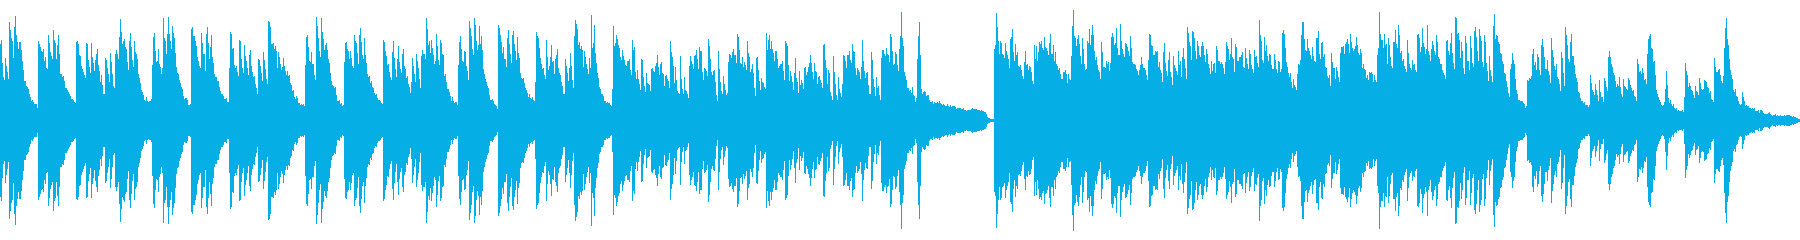 静謐な和風曲・ピアノソロ(ループ)の再生済みの波形